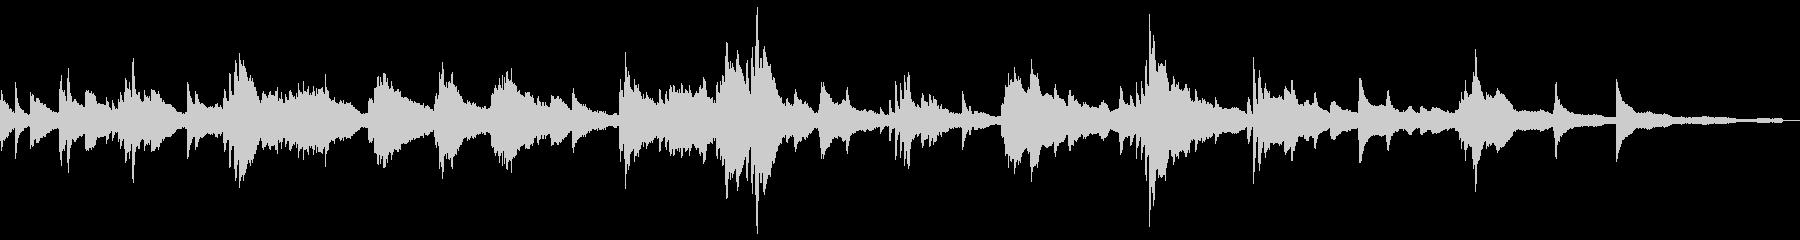 和風の怪しい雰囲気5-ピアノソロの未再生の波形